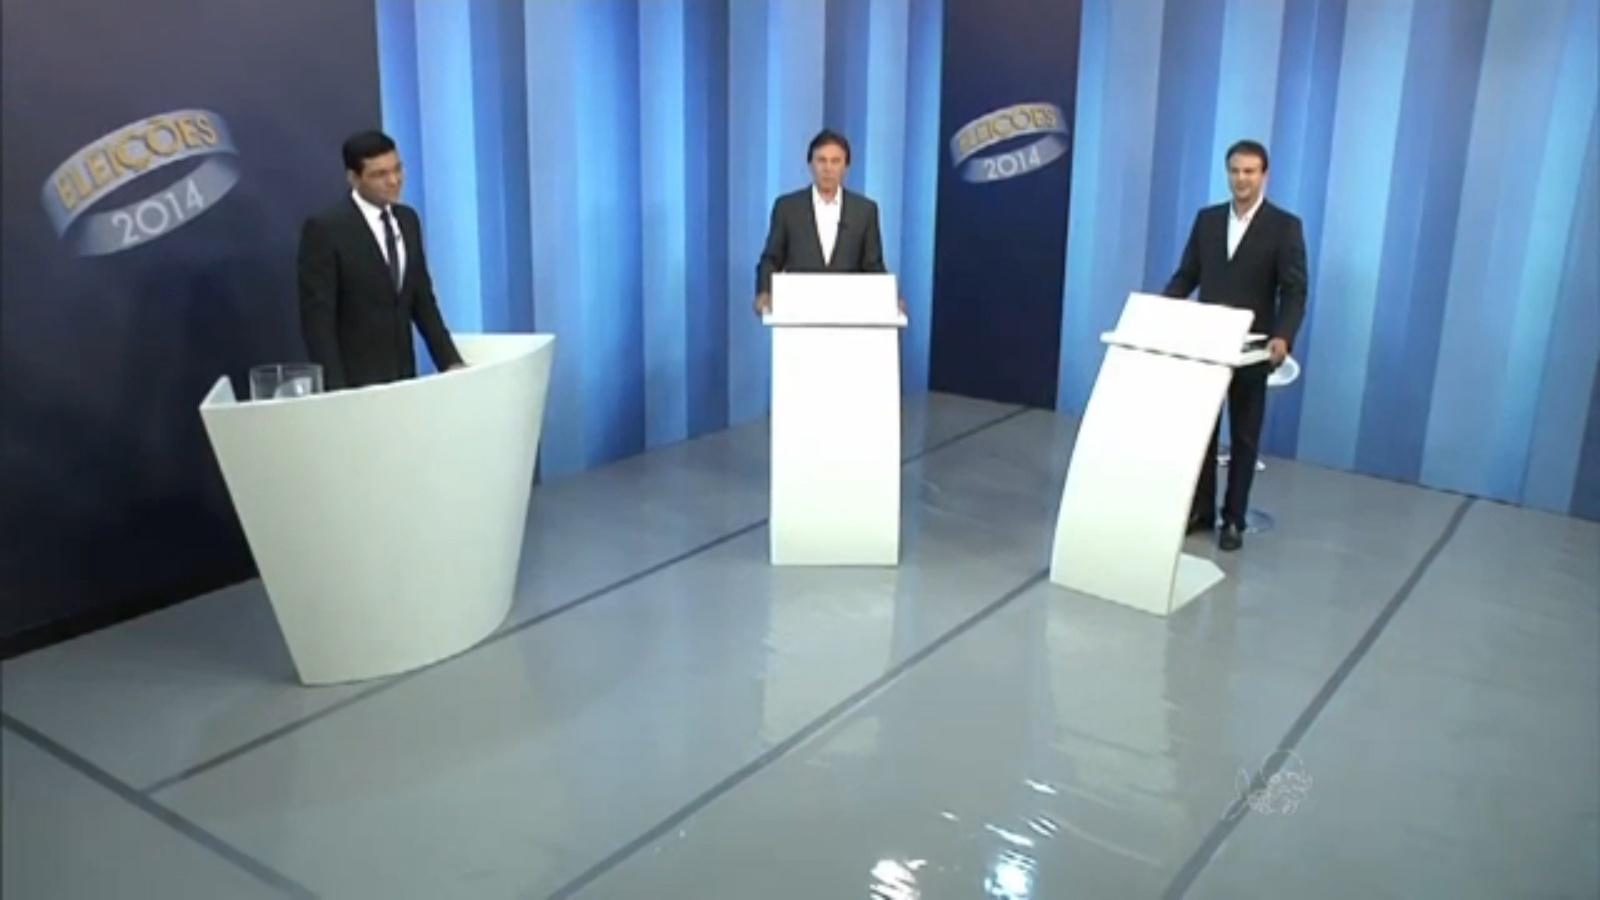 24.out.2014 - Os candidatos a governado do Ceará, Camilo Santana (PT) e Eunício Oliveira (PMDB), realizaram nessa quinta-feira (23) o último debate entre os candidatos ao cargo antes do segundo turno das eleições